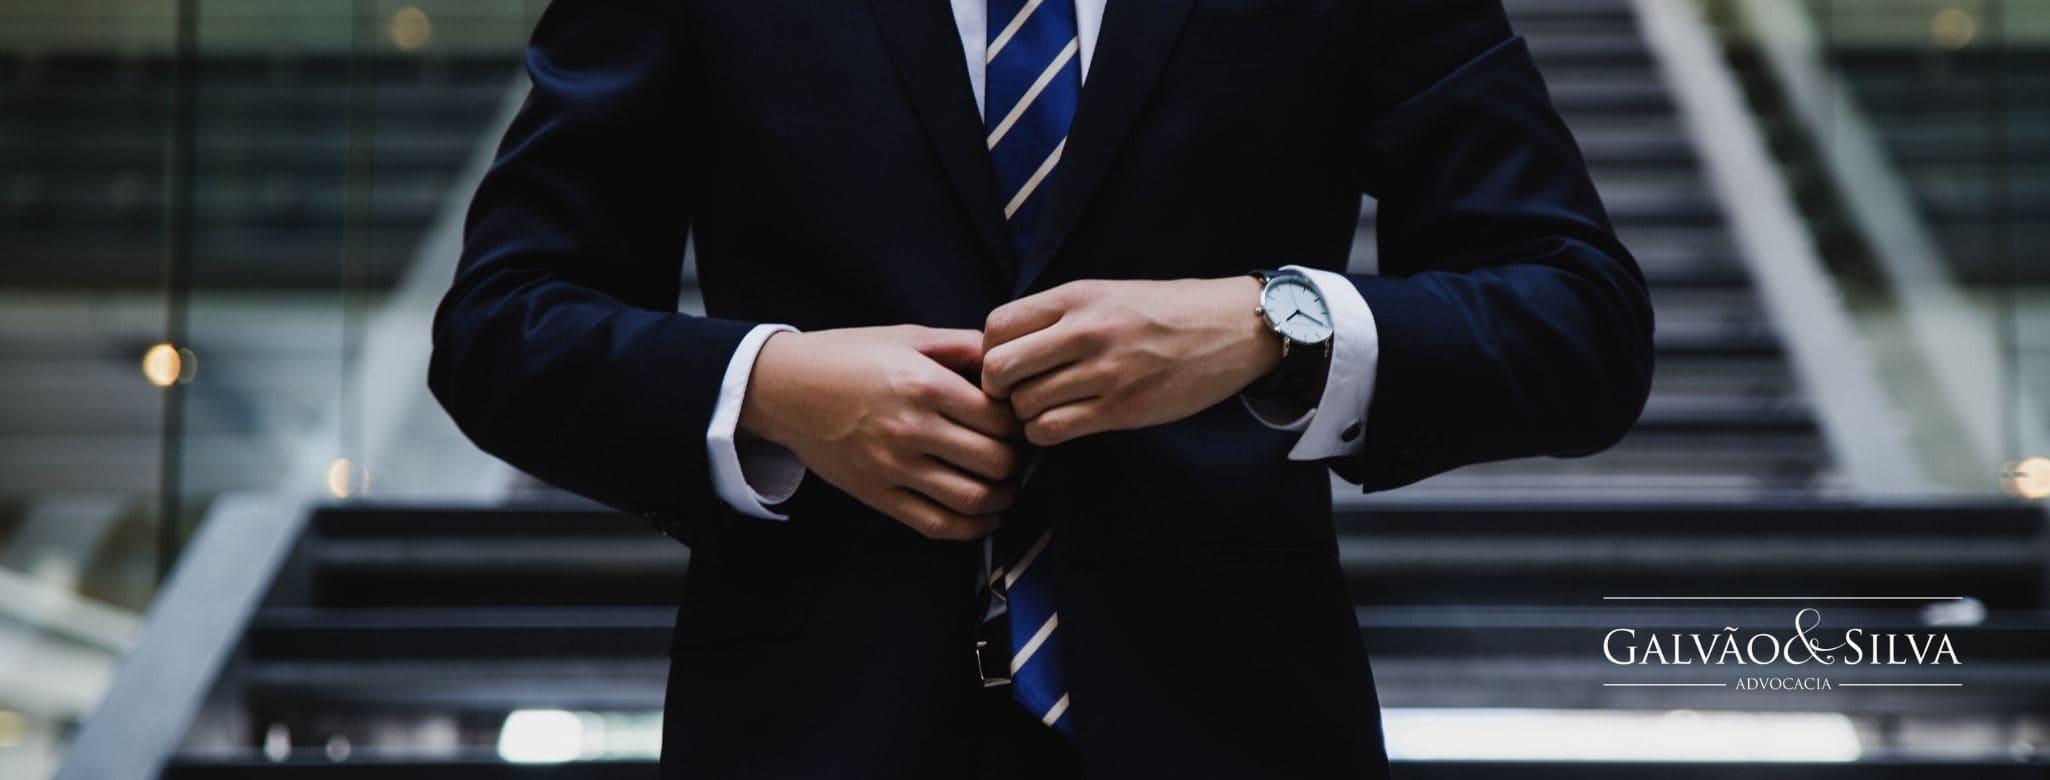 Ações que dispensam Advogado: Porque contratar um?